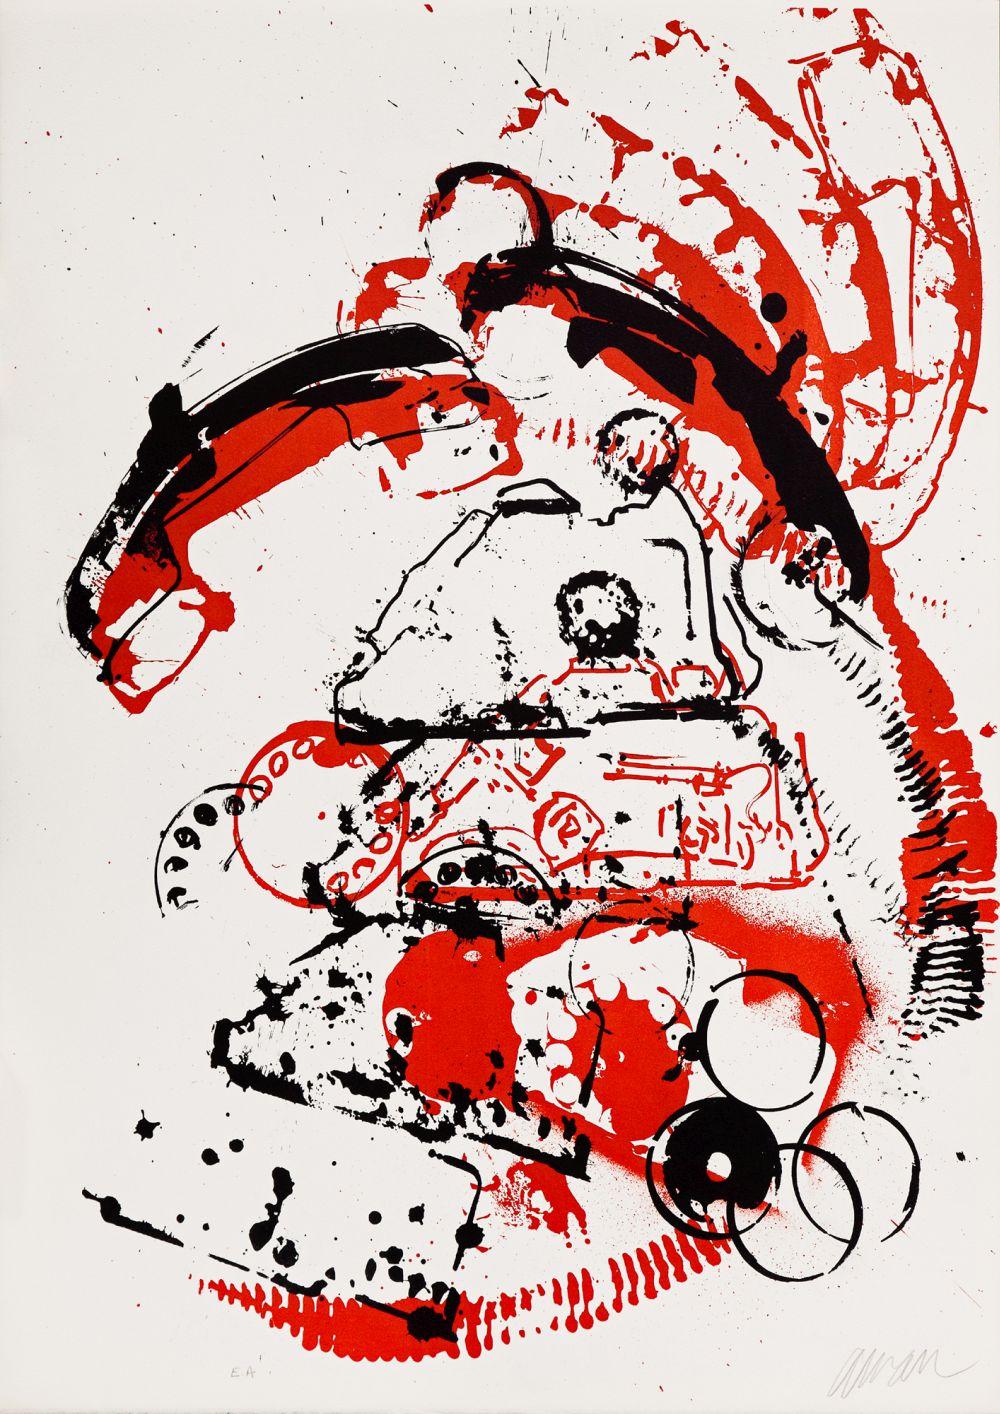 Arman, Wnętrza rzeczy I – Telefon, 1971, litografia, EA, 65 x 48,8, Kolekcja CGII – inv. OE 6794 © ADAGP (źródło: materiały prasowe)